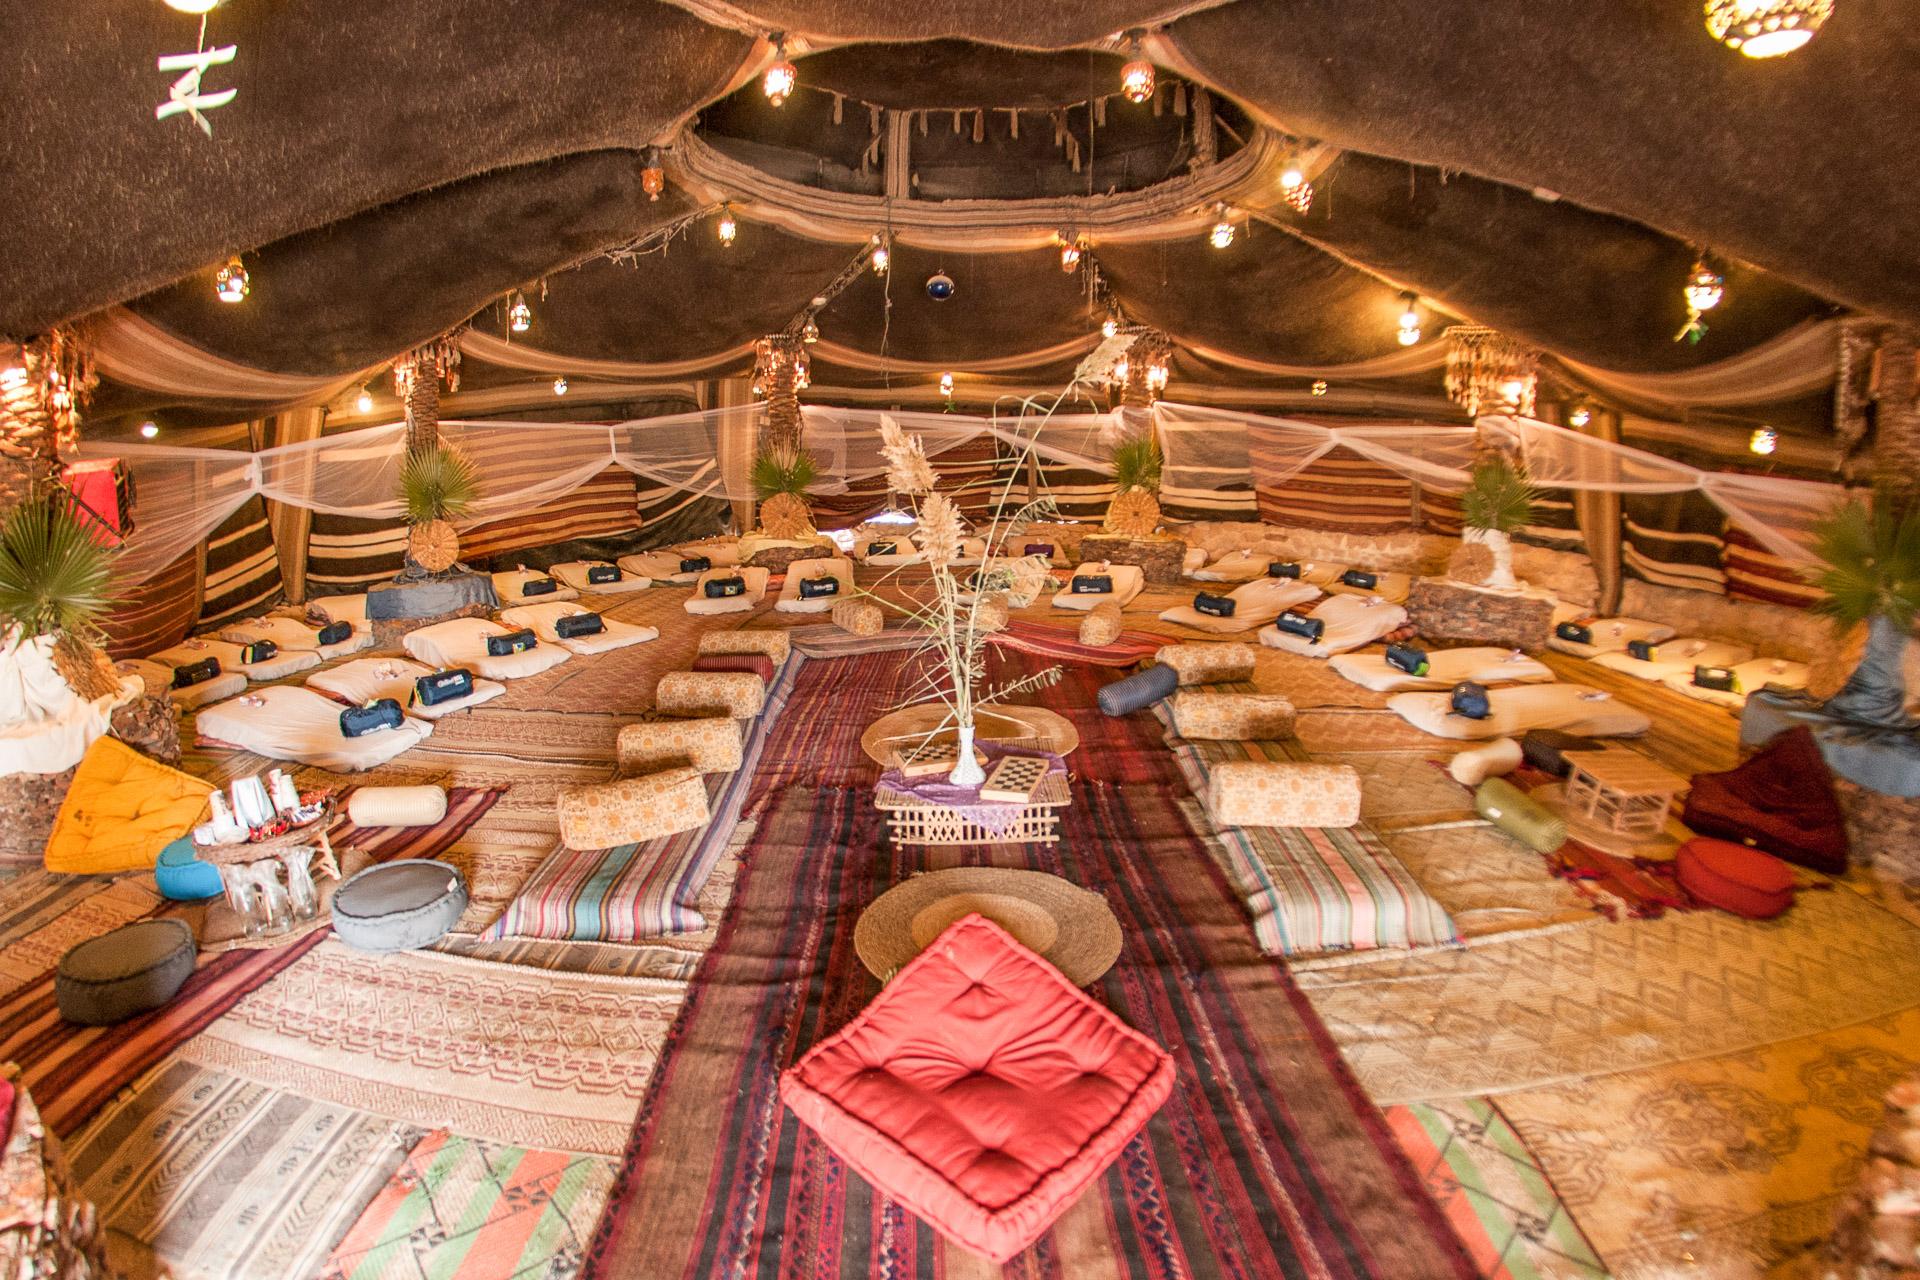 Scheherazade sleeping tent